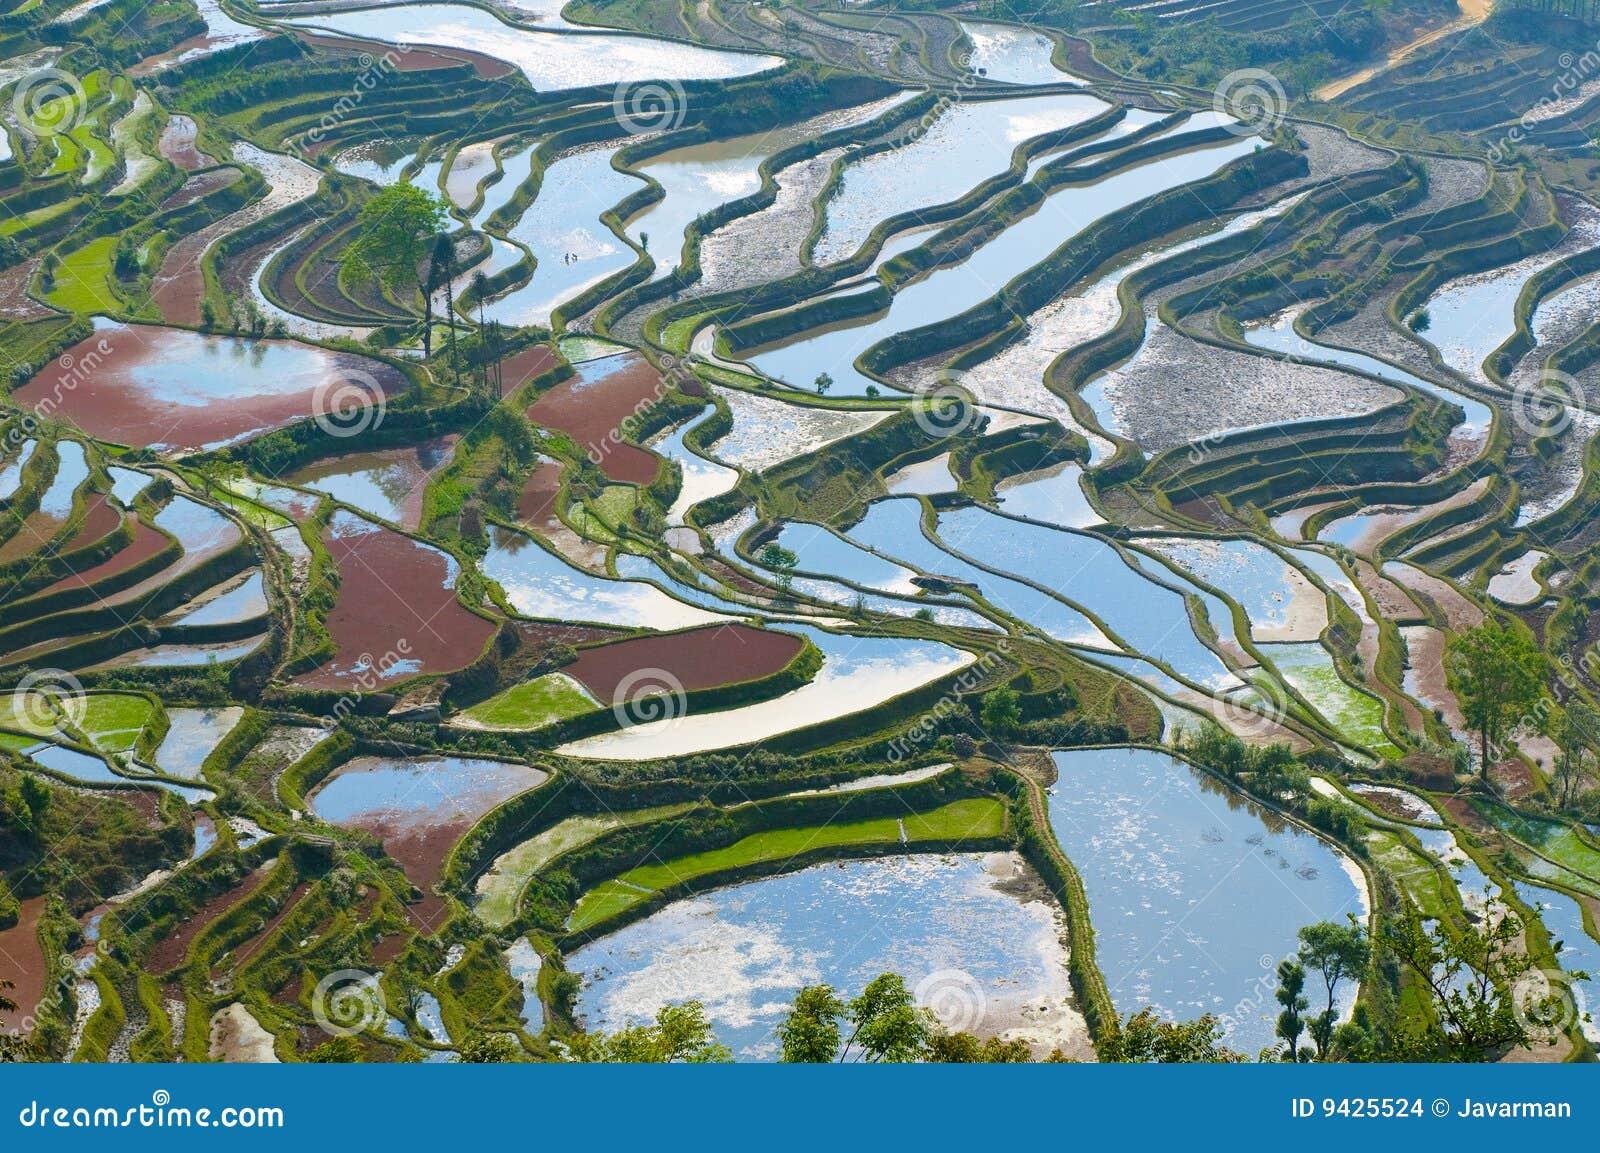 De yunnan terrassen van de rijst van yuanyang china stock foto afbeelding 9425524 - Afbeeldingen van terrassen verwachten ...